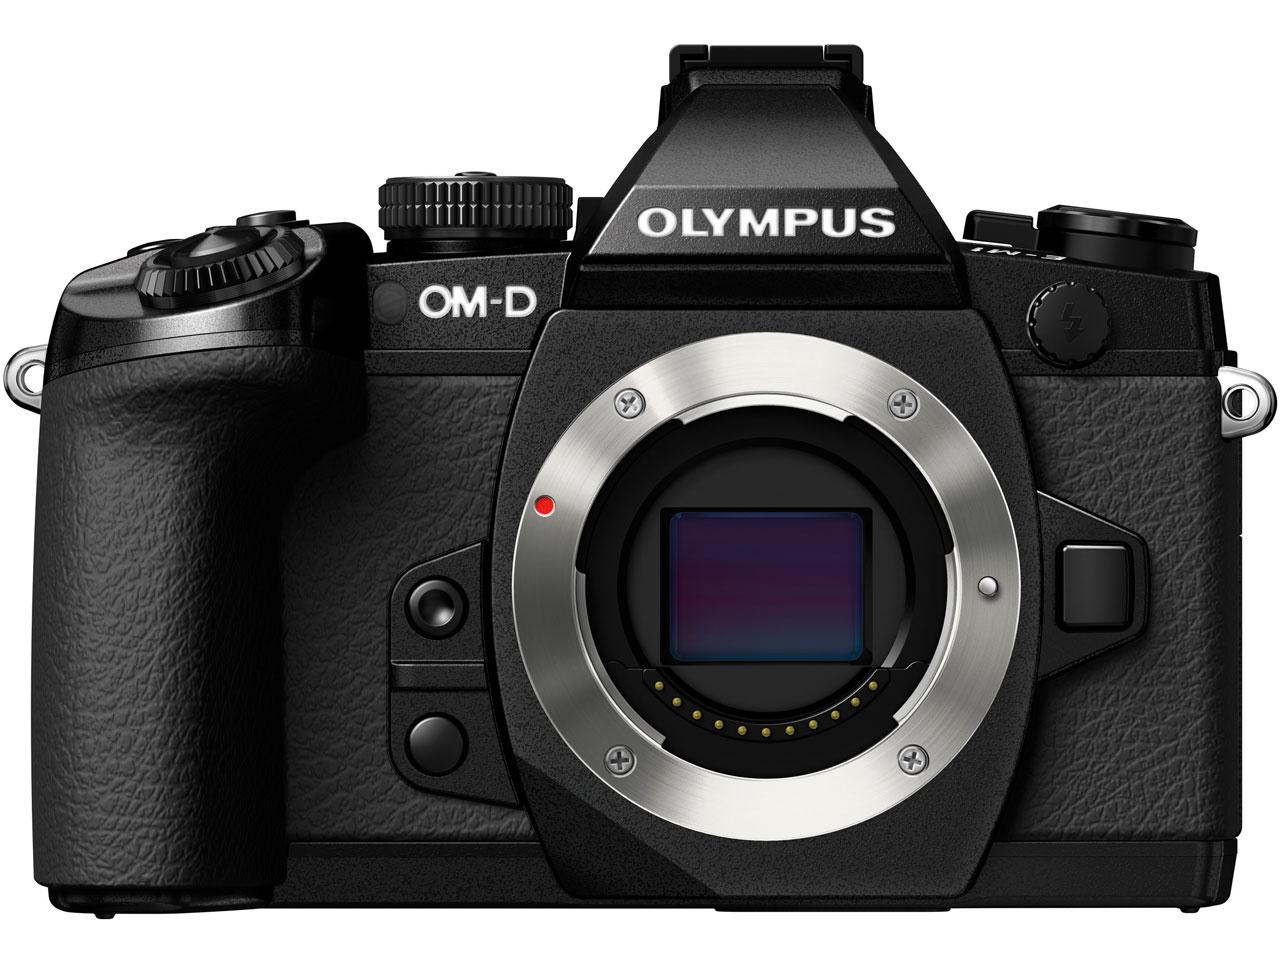 『本体 正面3』 OLYMPUS OM-D E-M1 ボディ [ブラック] の製品画像